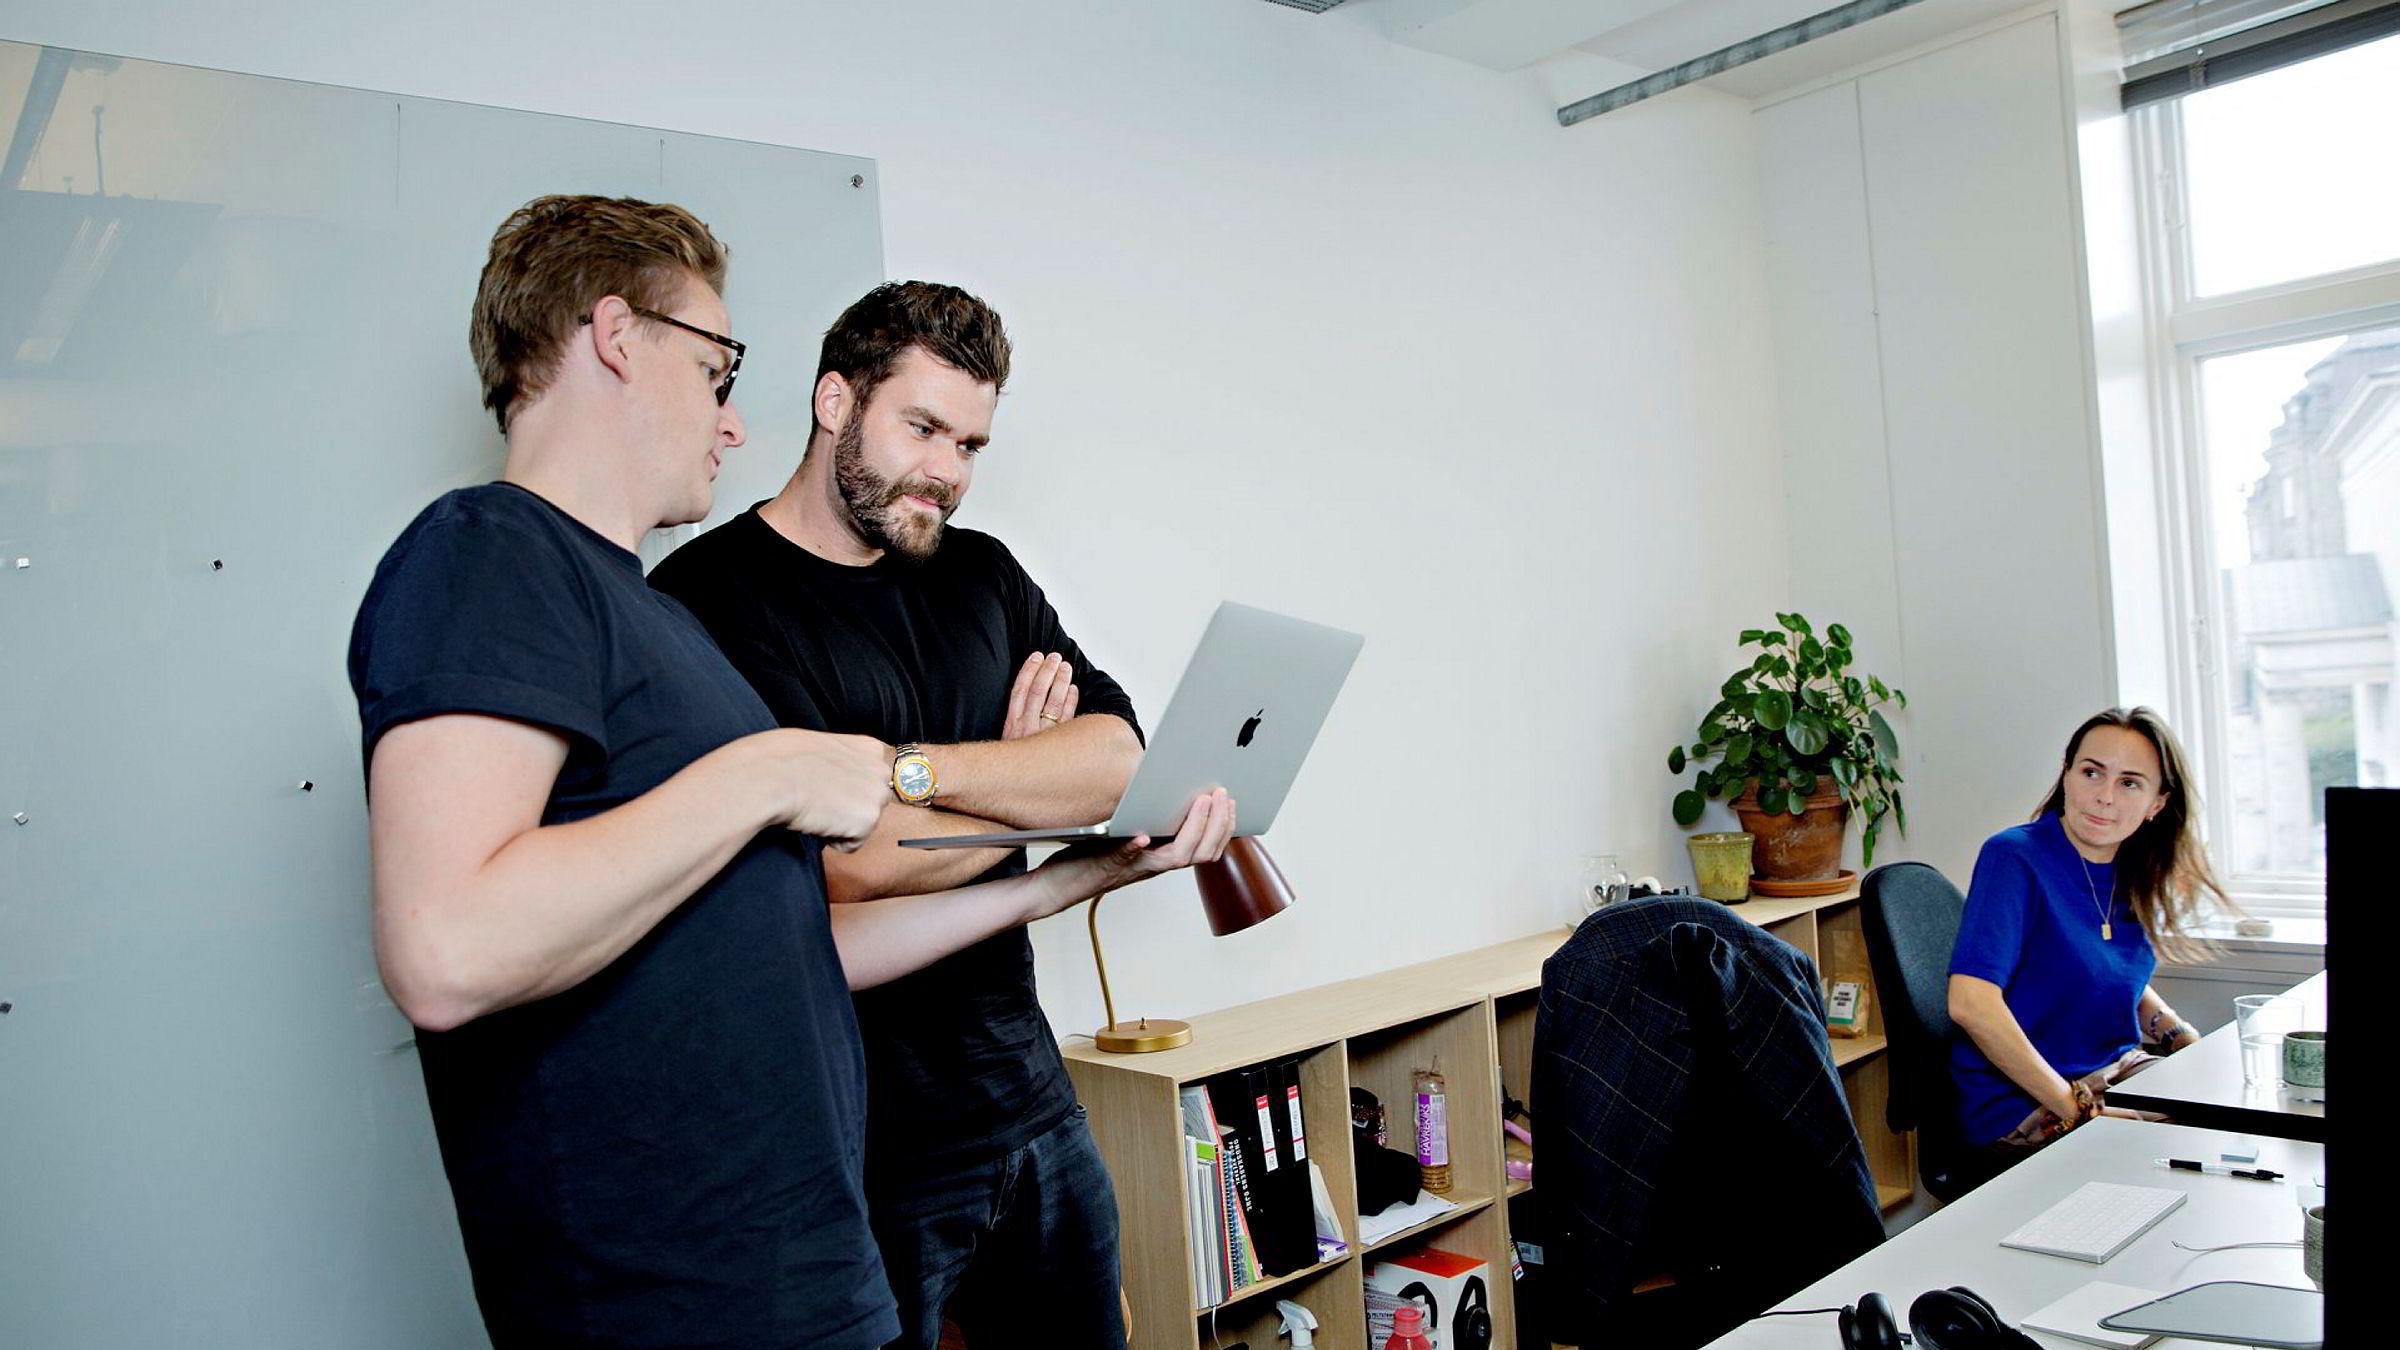 Seriegründer Morten Strunge sammen med Sverre Dueholm (fra venstre) og Eva Lægdsgaard, begge medstiftere av firmaet Podemos. Her fra deres kontorer i København.